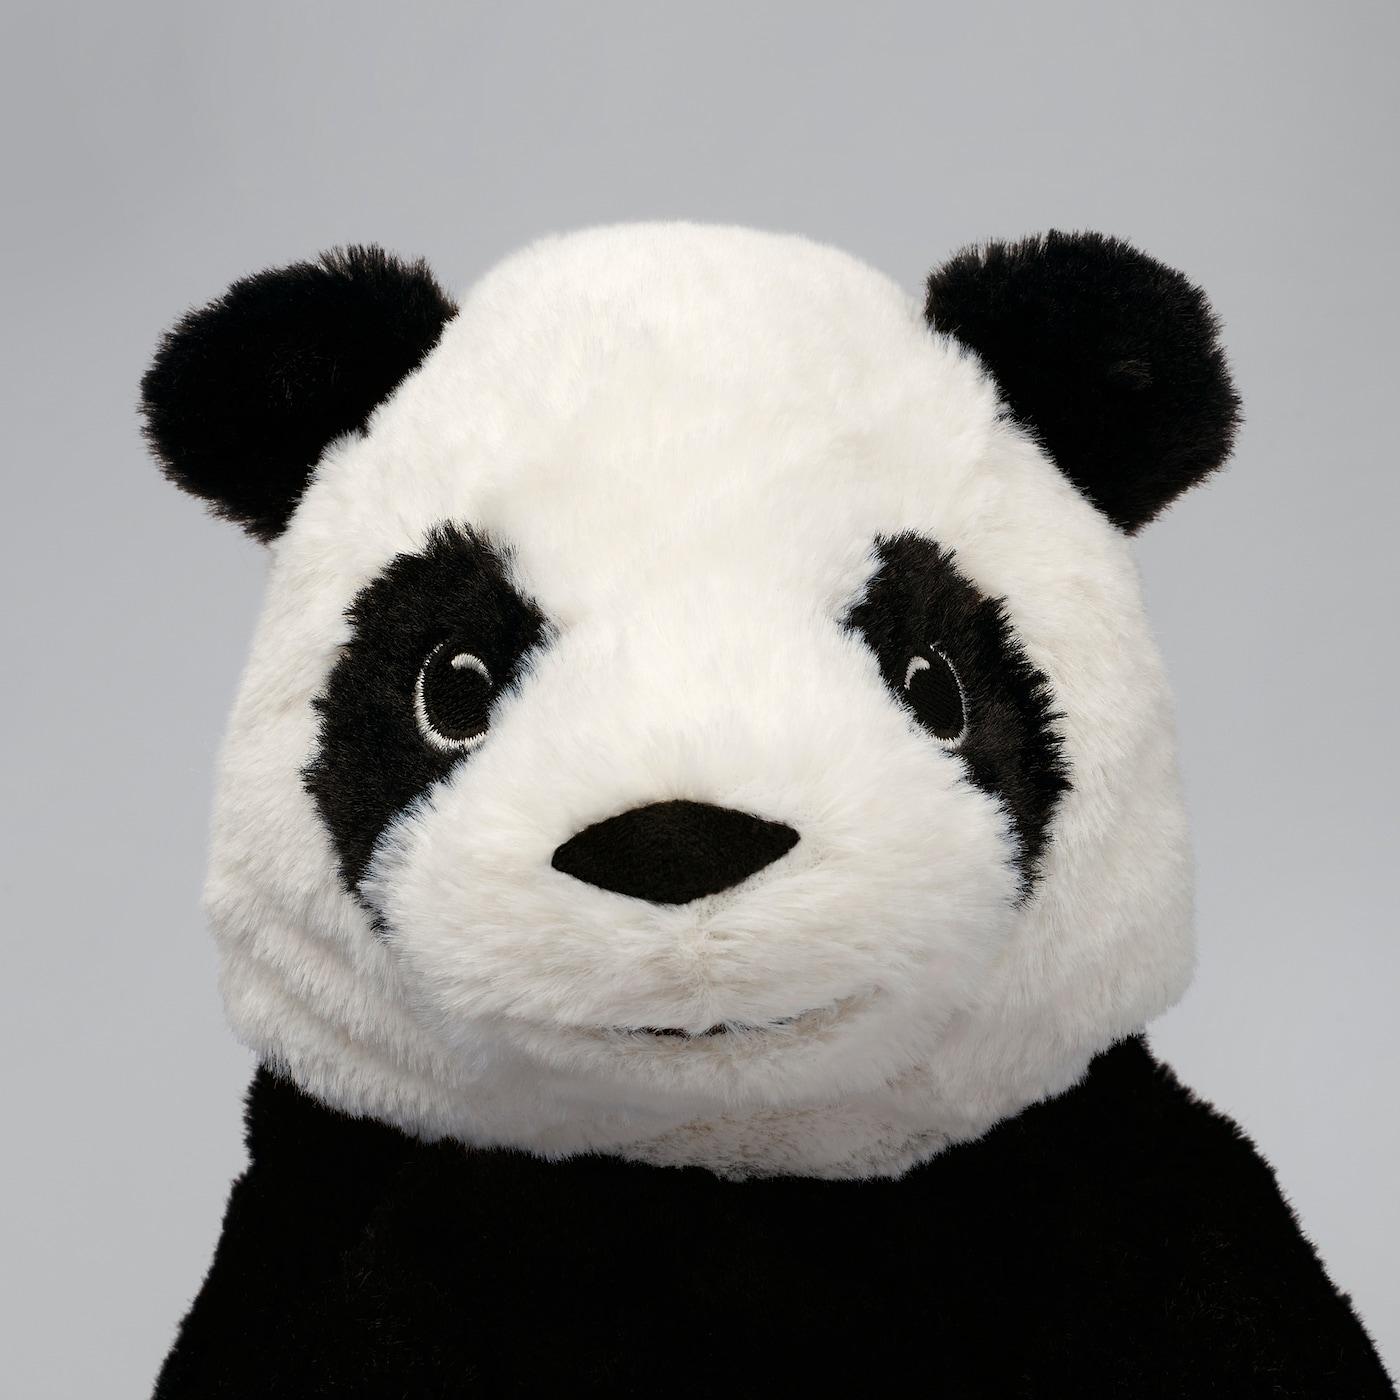 KRAMIG Stoffspielzeug weiß/schwarz 30 cm